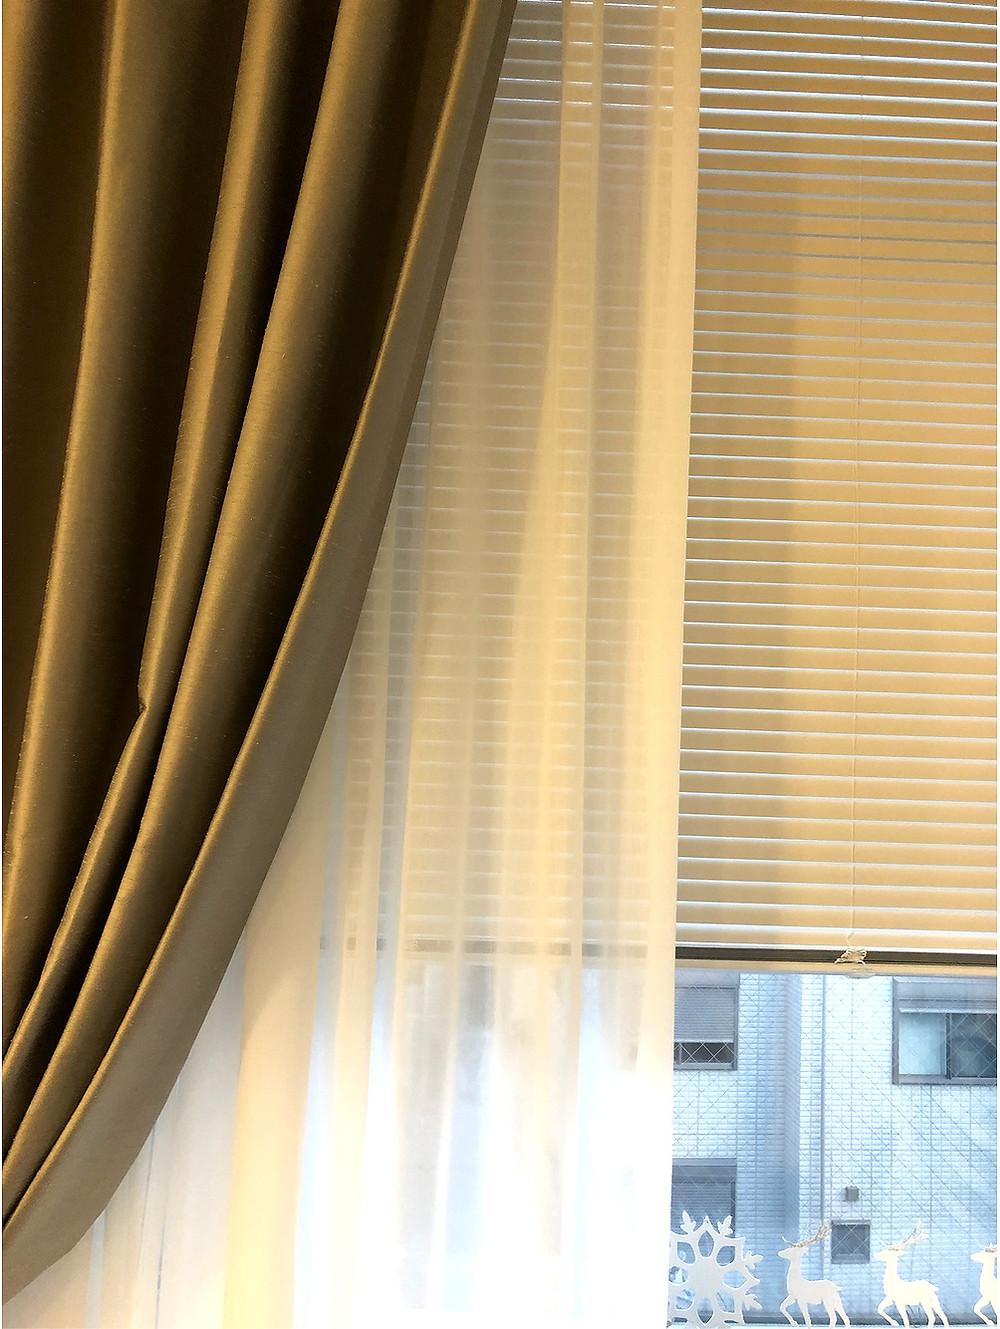 オーダーカーテンの実例。壁紙や家具との調和を考えてコーディネートします。